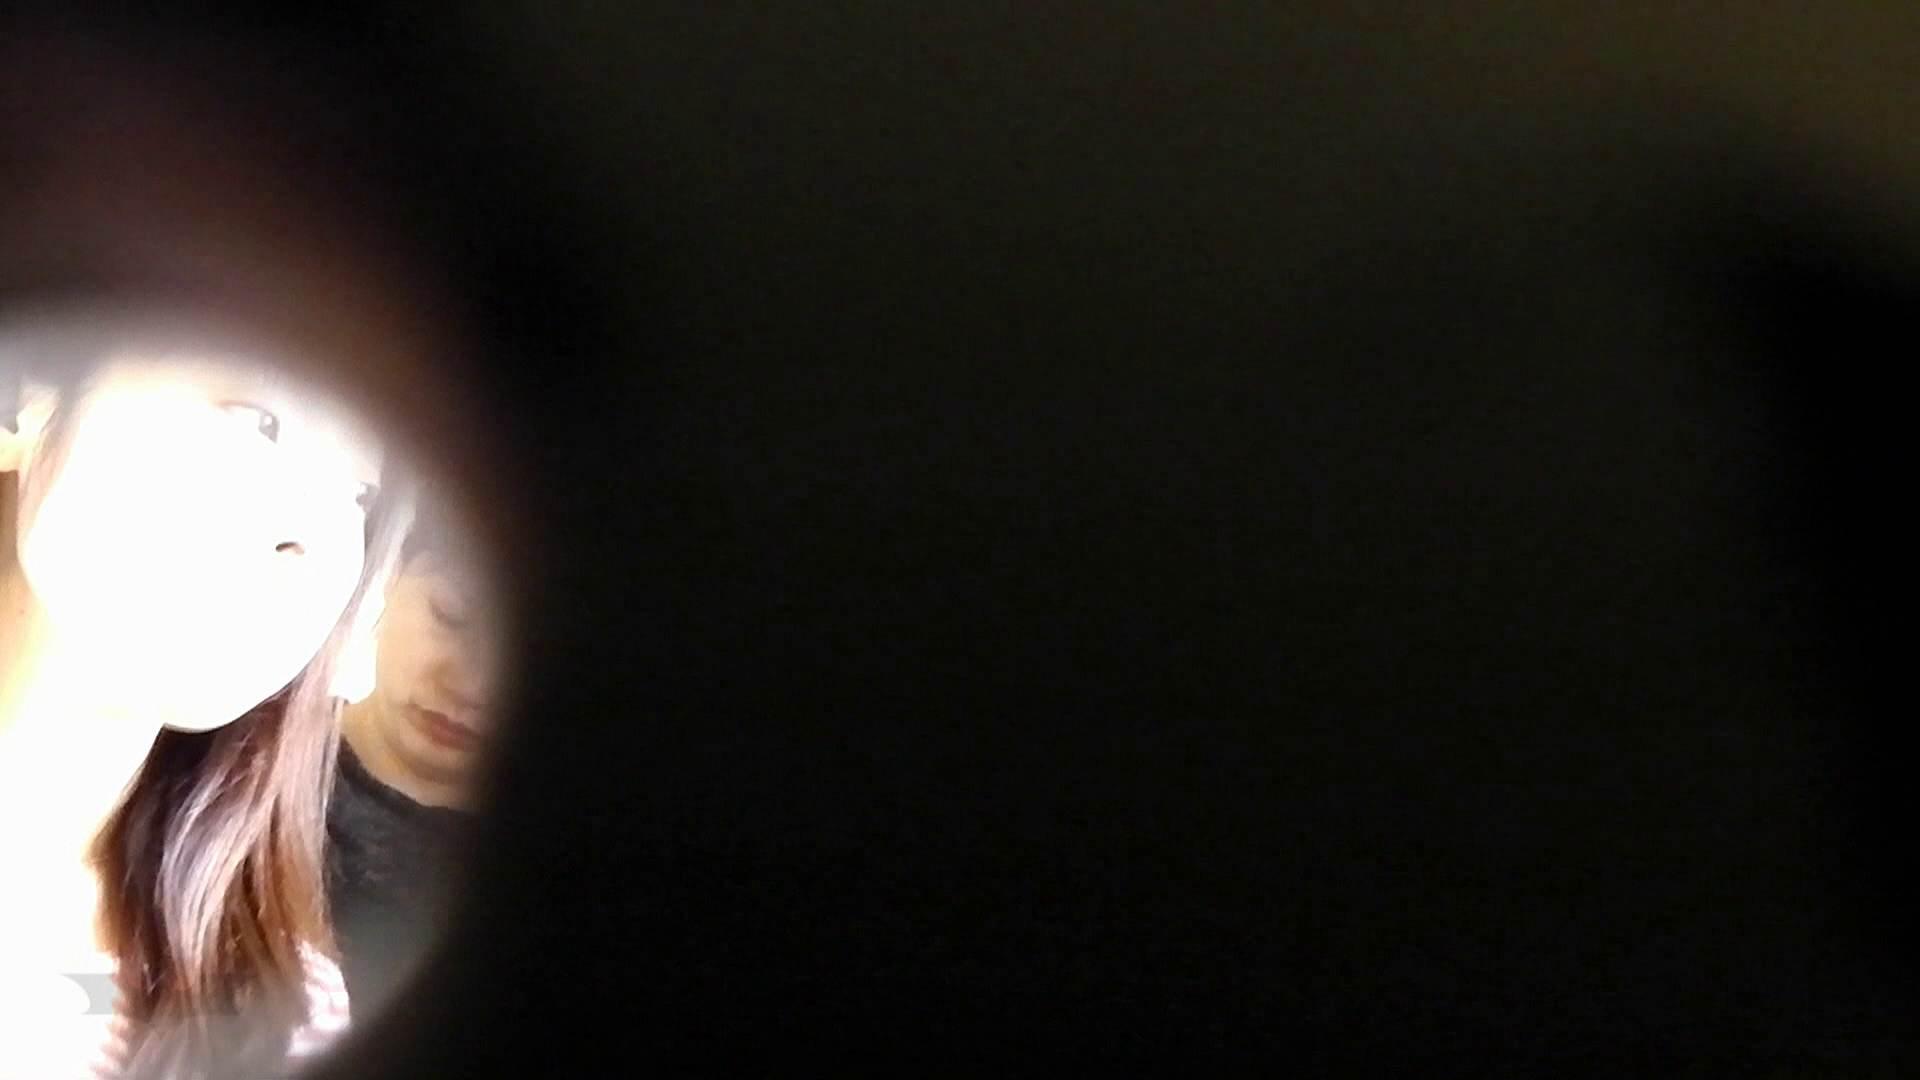 ステーション編 vol.34 無料動画のモデルつい本番登場Ⅱやっぱり違います 色っぽいOL達 | モデルエロ映像  103pic 89